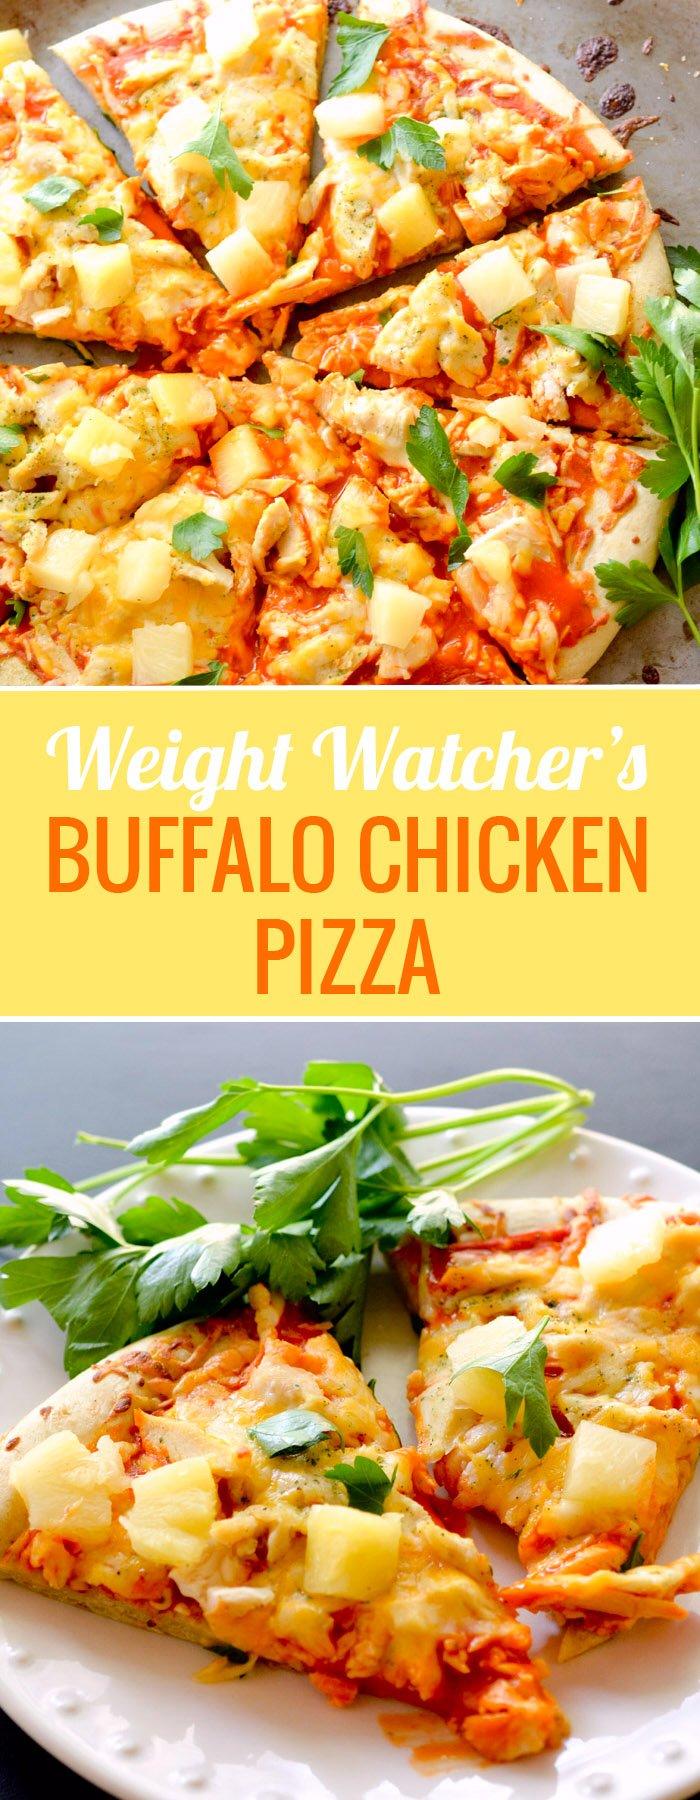 weight watcher's - buffalo chicken pizza